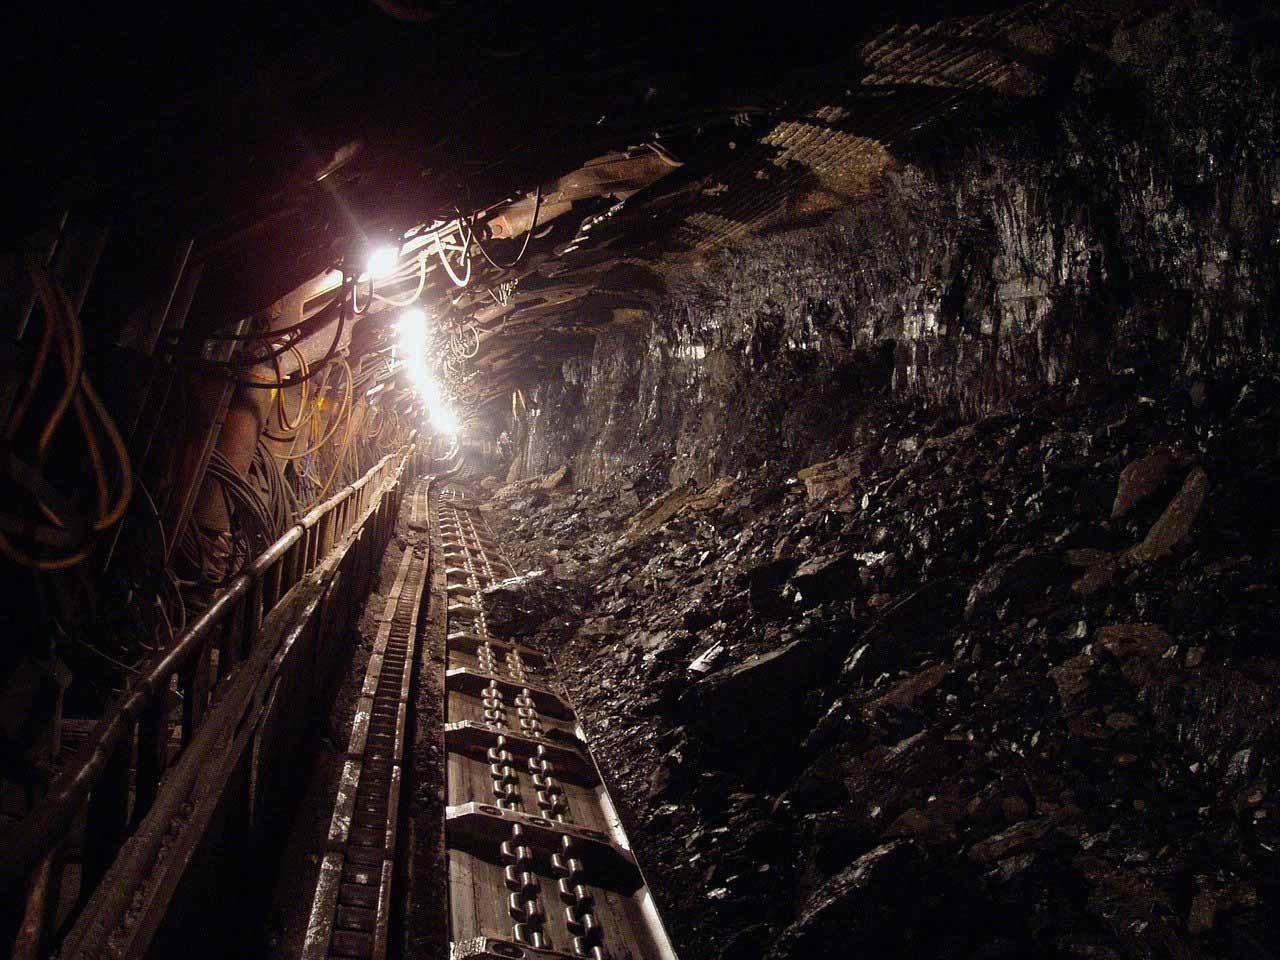 Il ne reste presque plus de charbon extractible